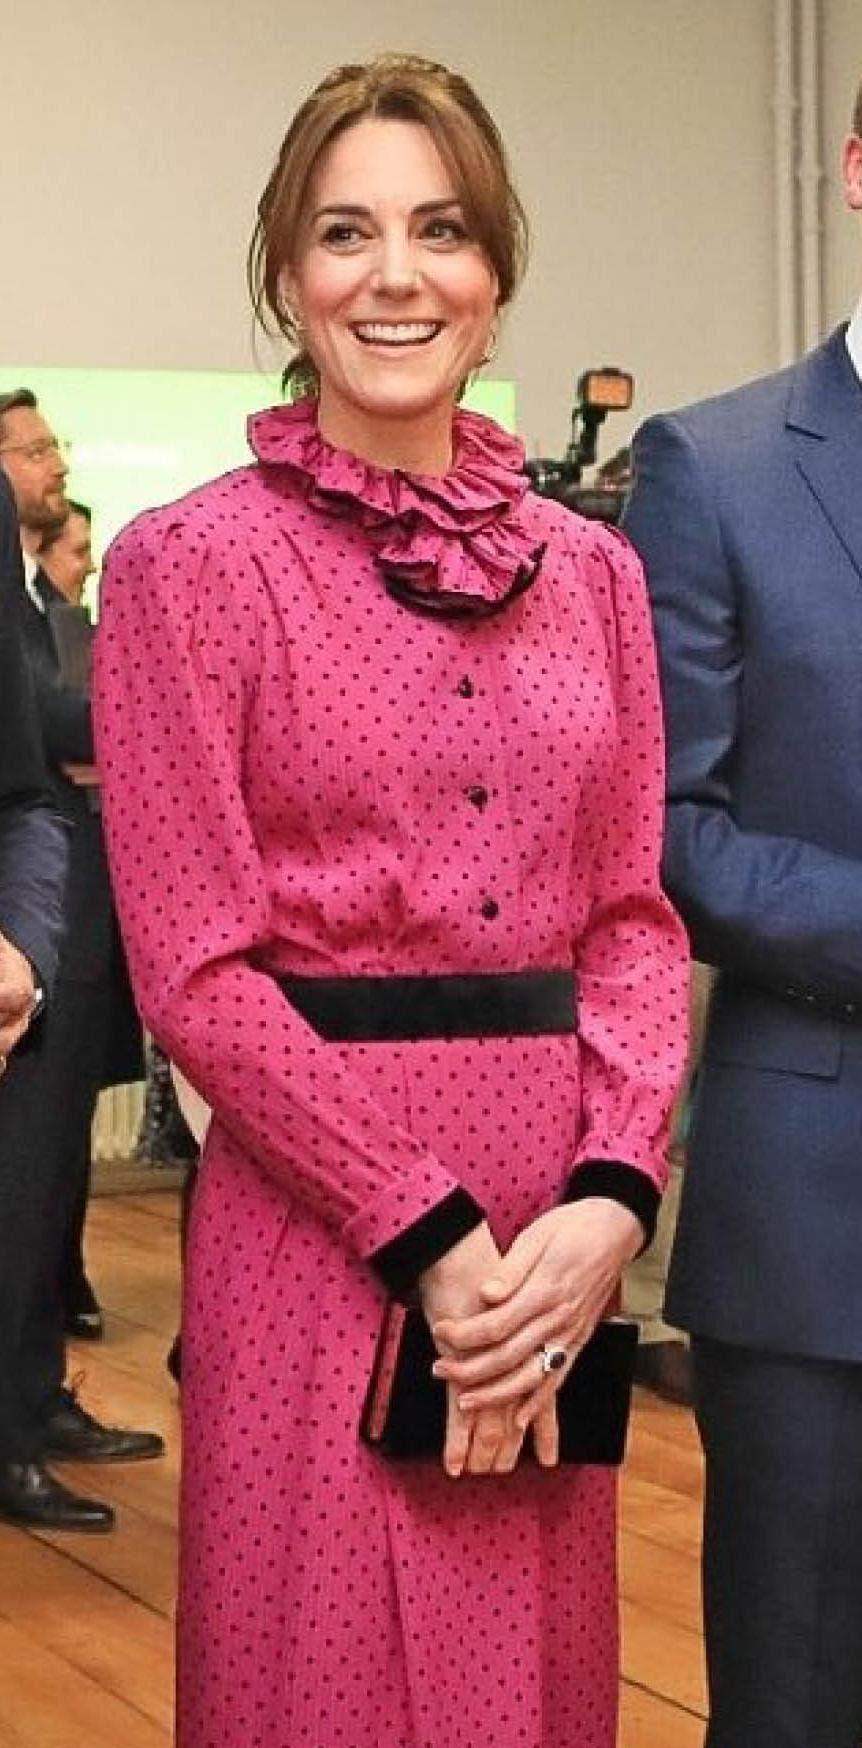 كايت بثوب من أوسكار دي لارينتا يعود تصميمه للعام 1980